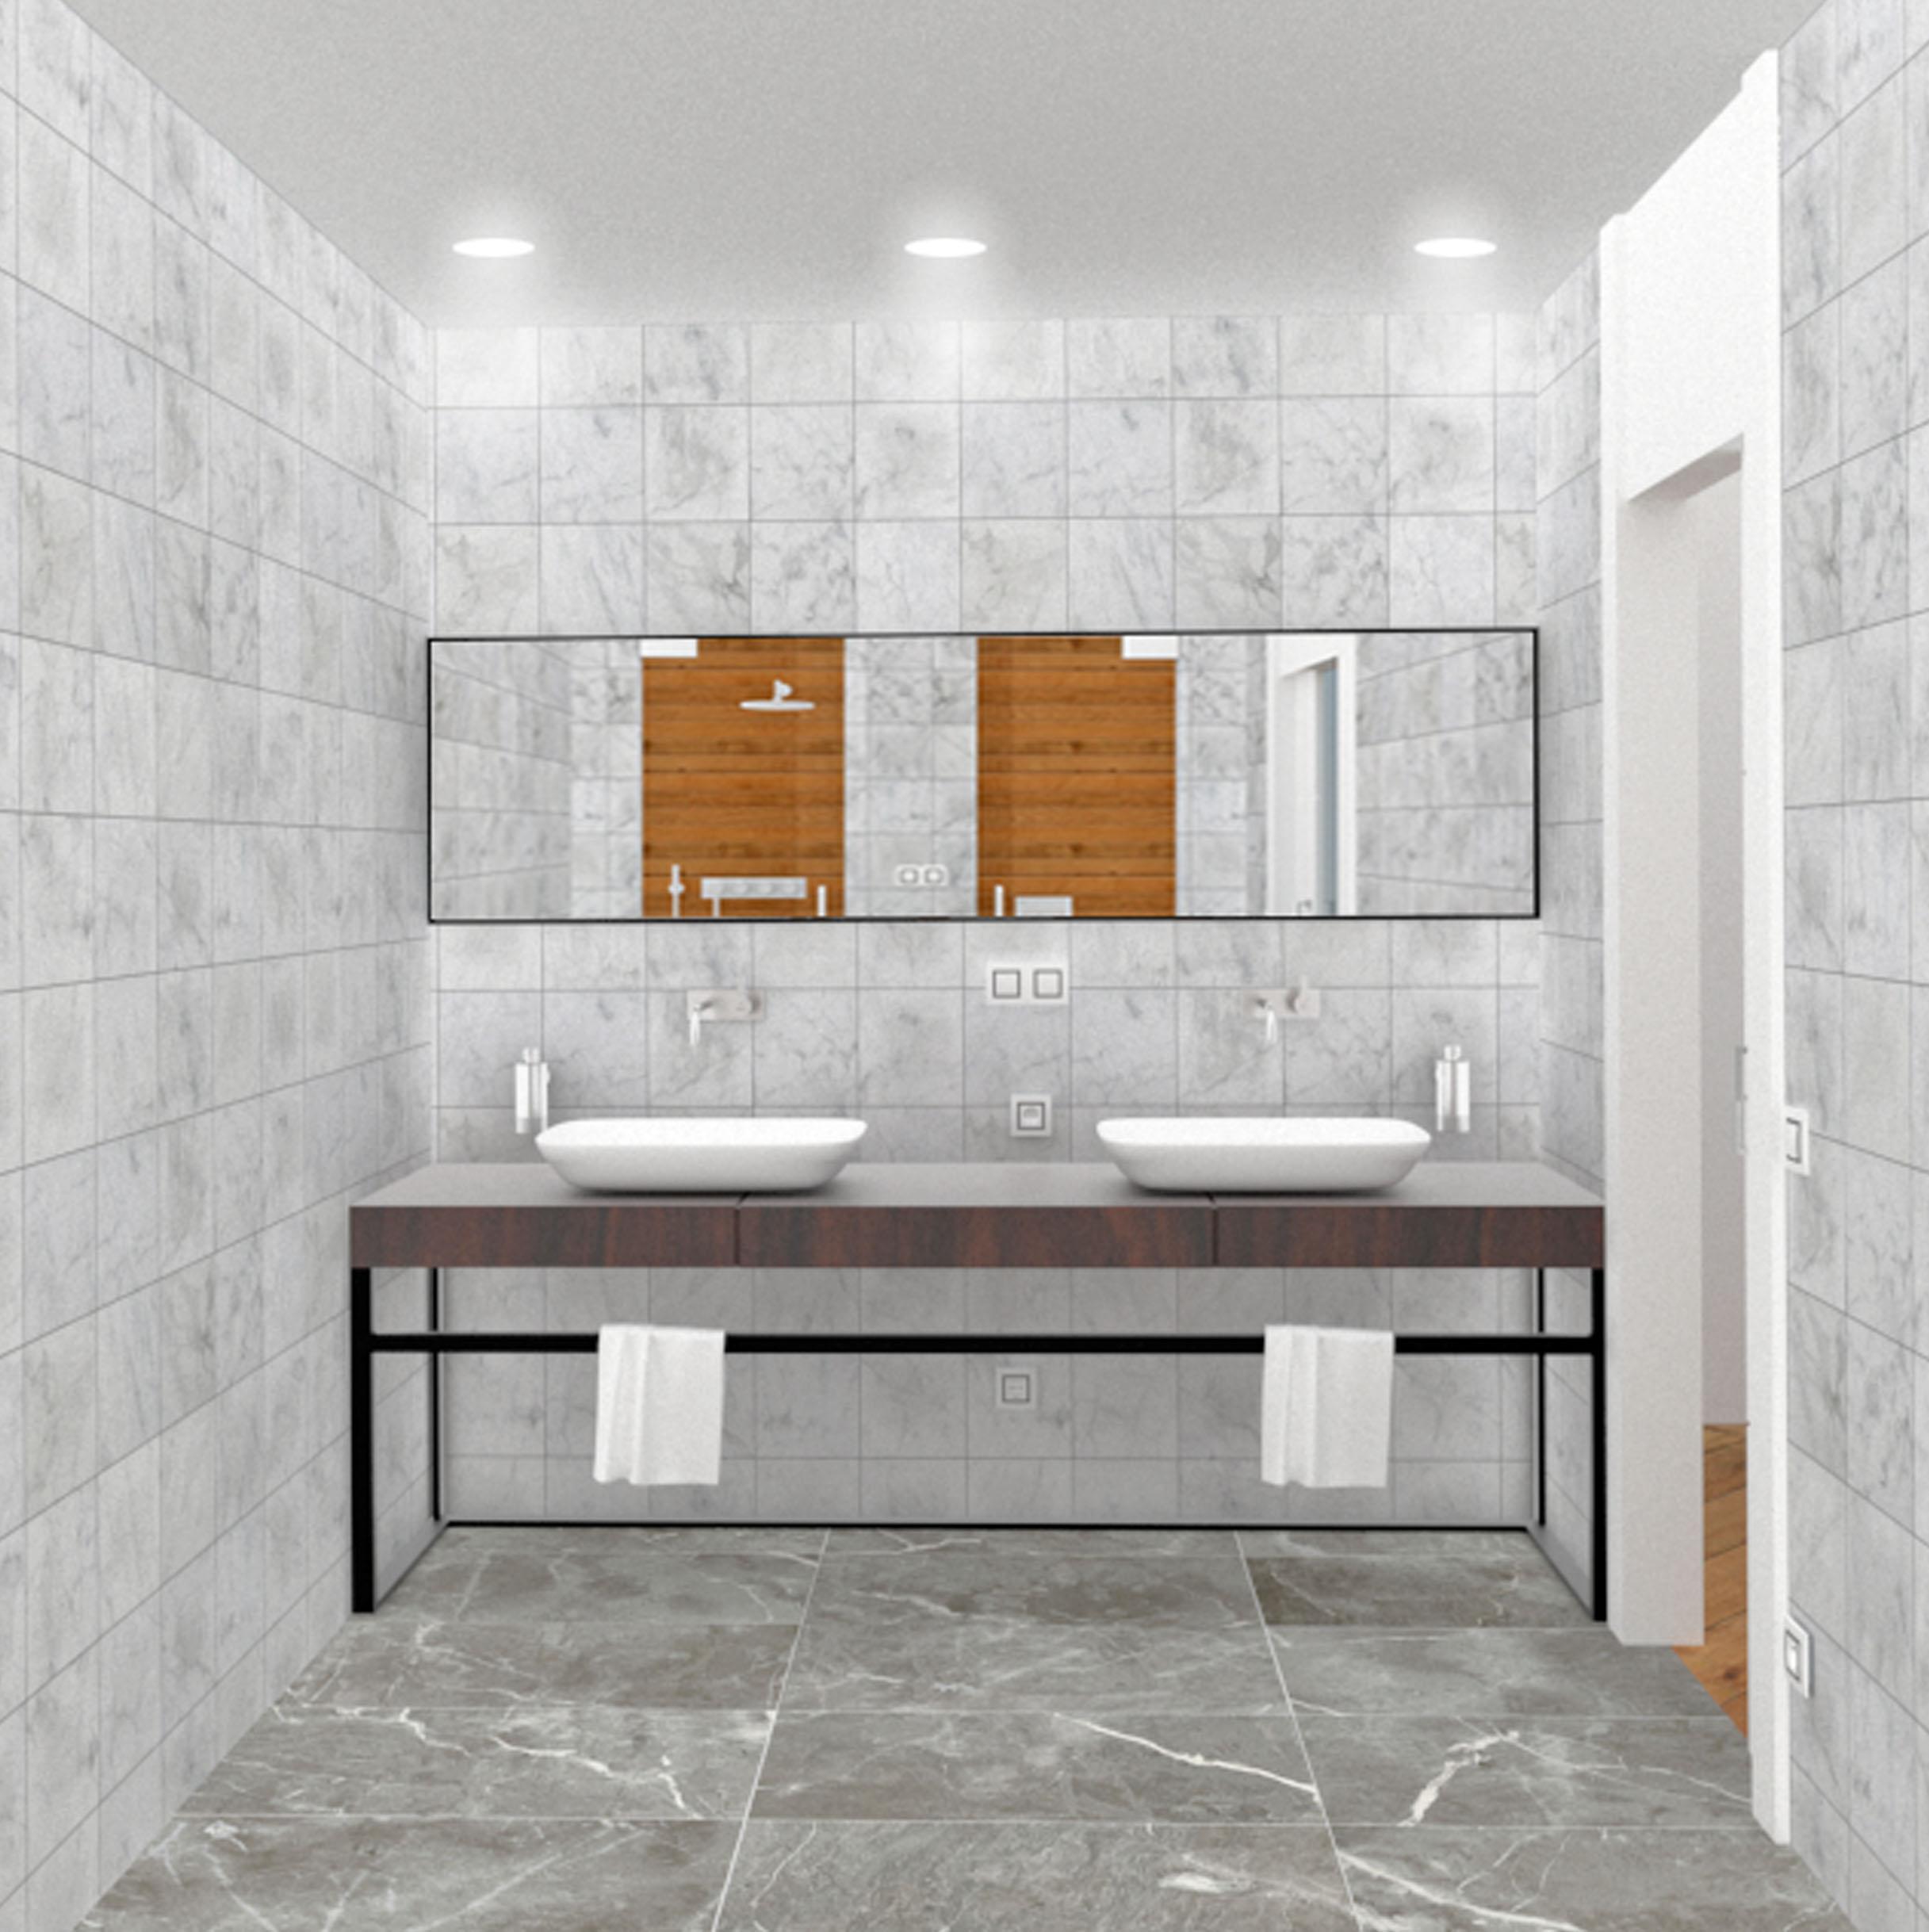 Proyecto de diseño para la reforma de un baño en un piso en Gijón